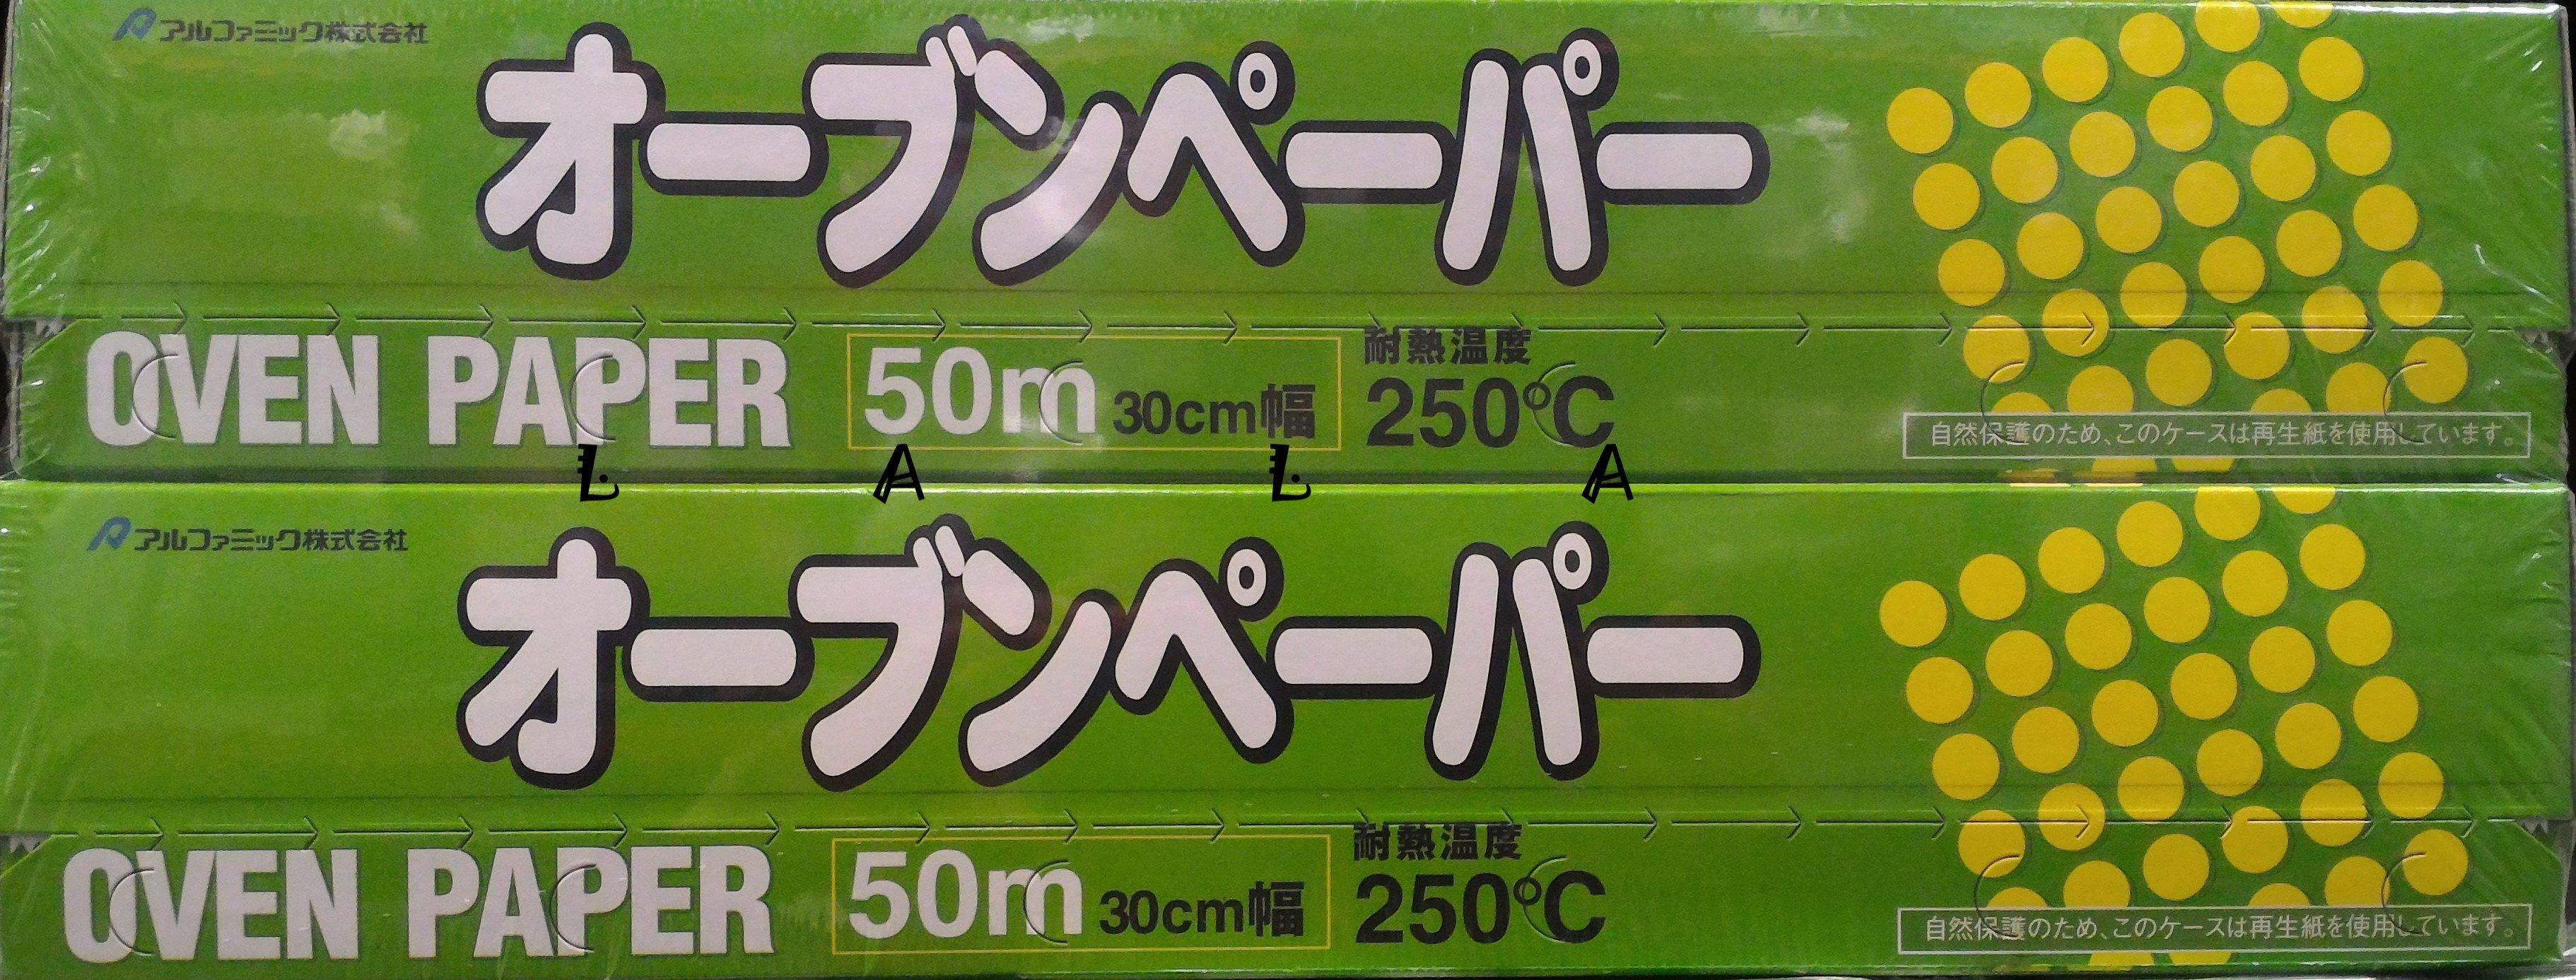 單捲 ALPHAMIC OVEN PAPER 食物烹調專用紙/烘焙紙/烤盤紙(30cm*50公尺*1)COSTCO好市多